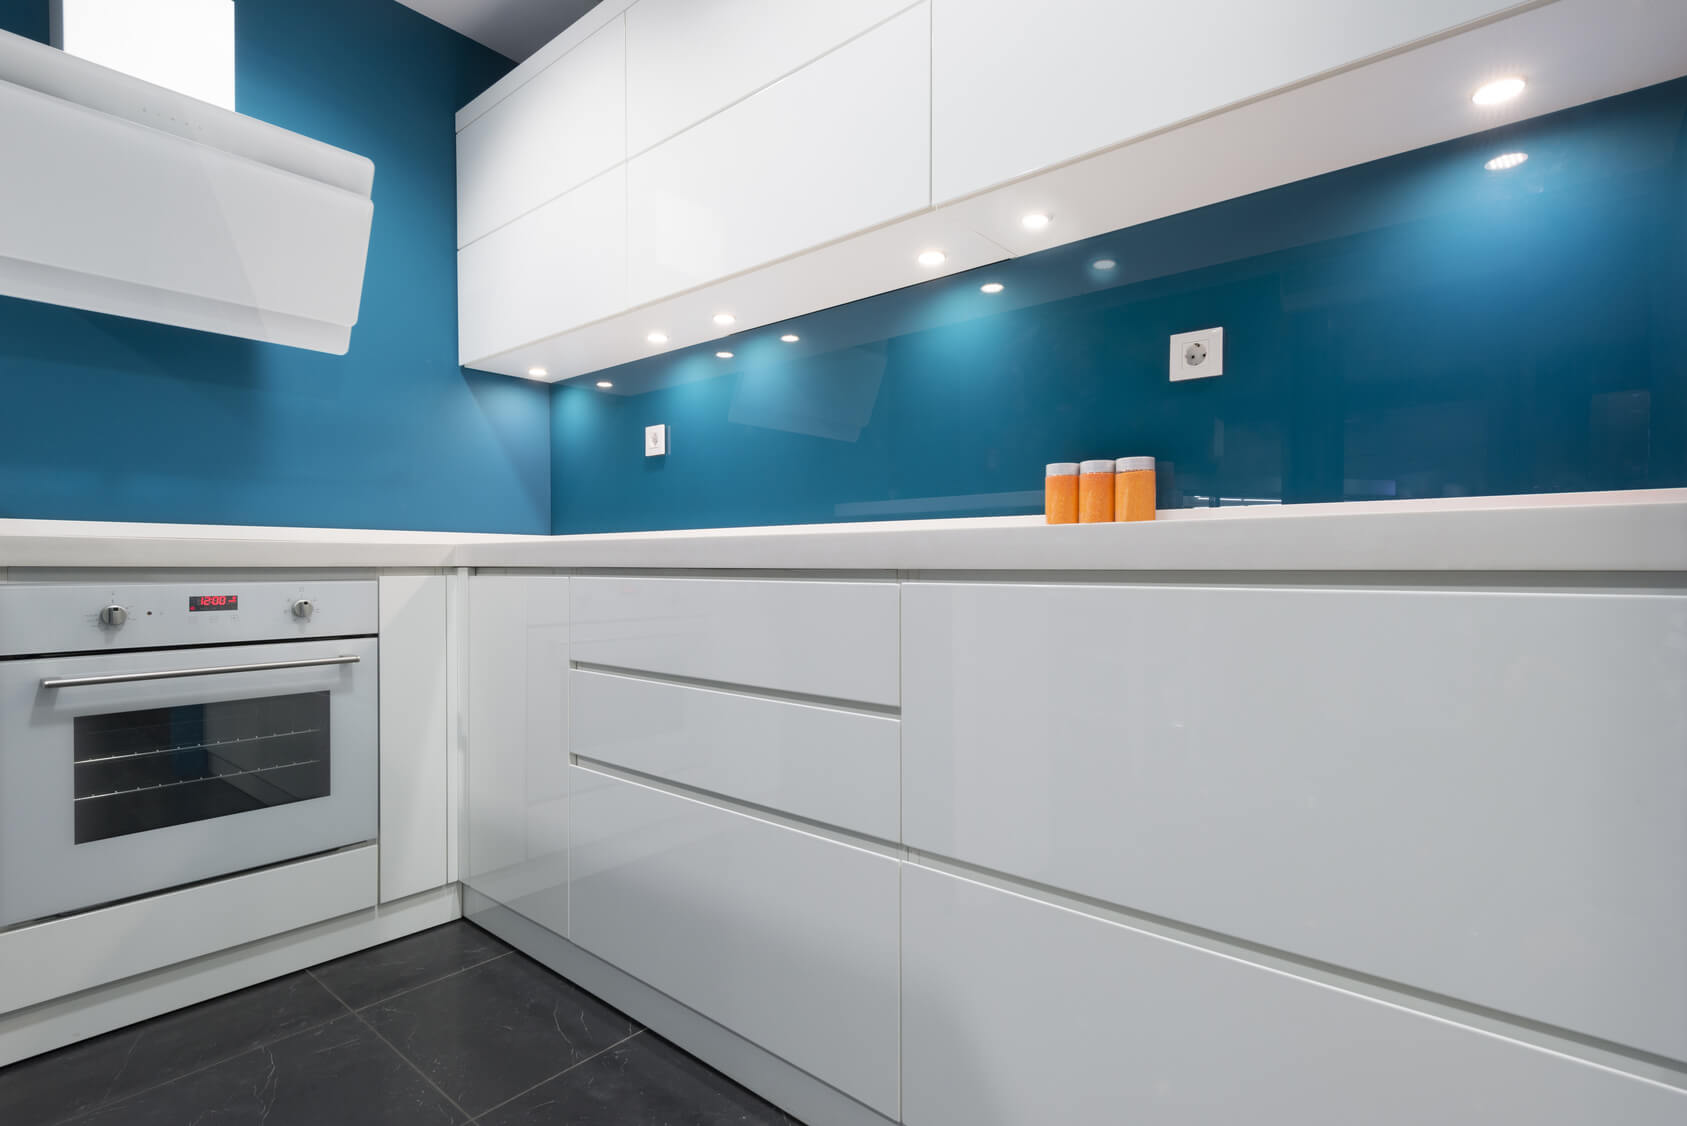 Cocina sin tiradores cocinas vitoria tierra home design - Tiradores de muebles de cocina ...